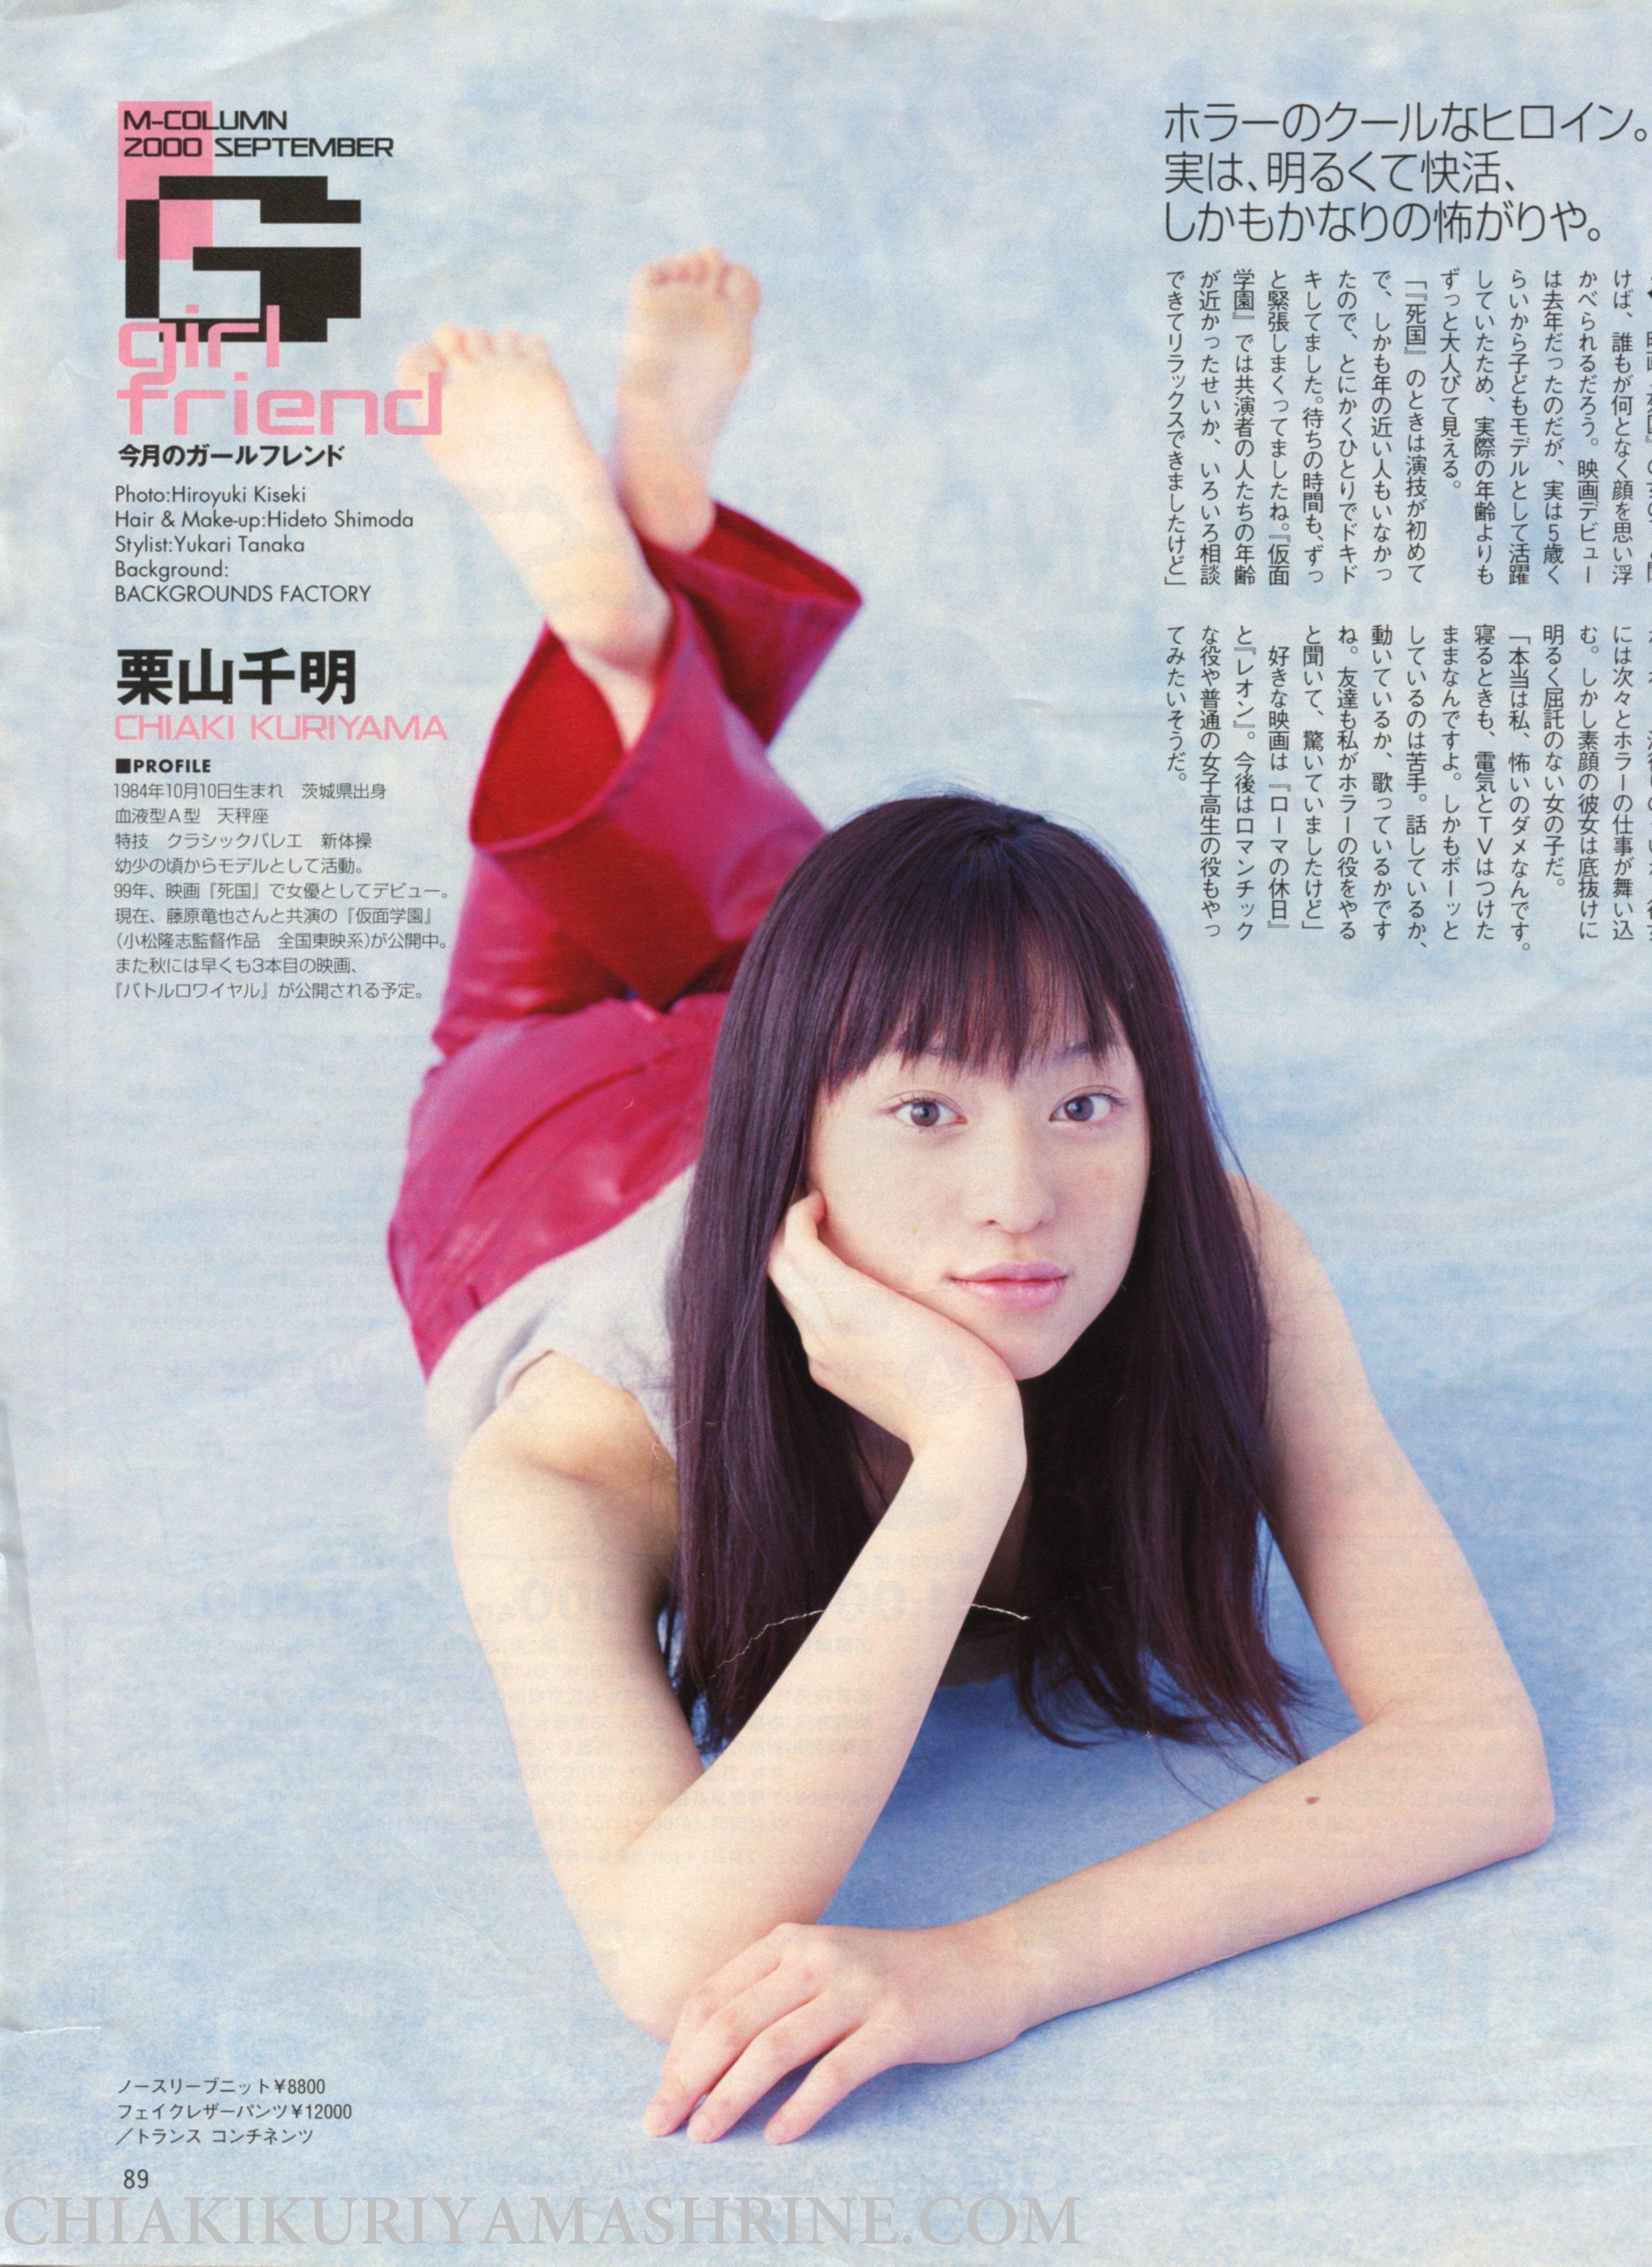 Chiaki Kuriyama's Feet